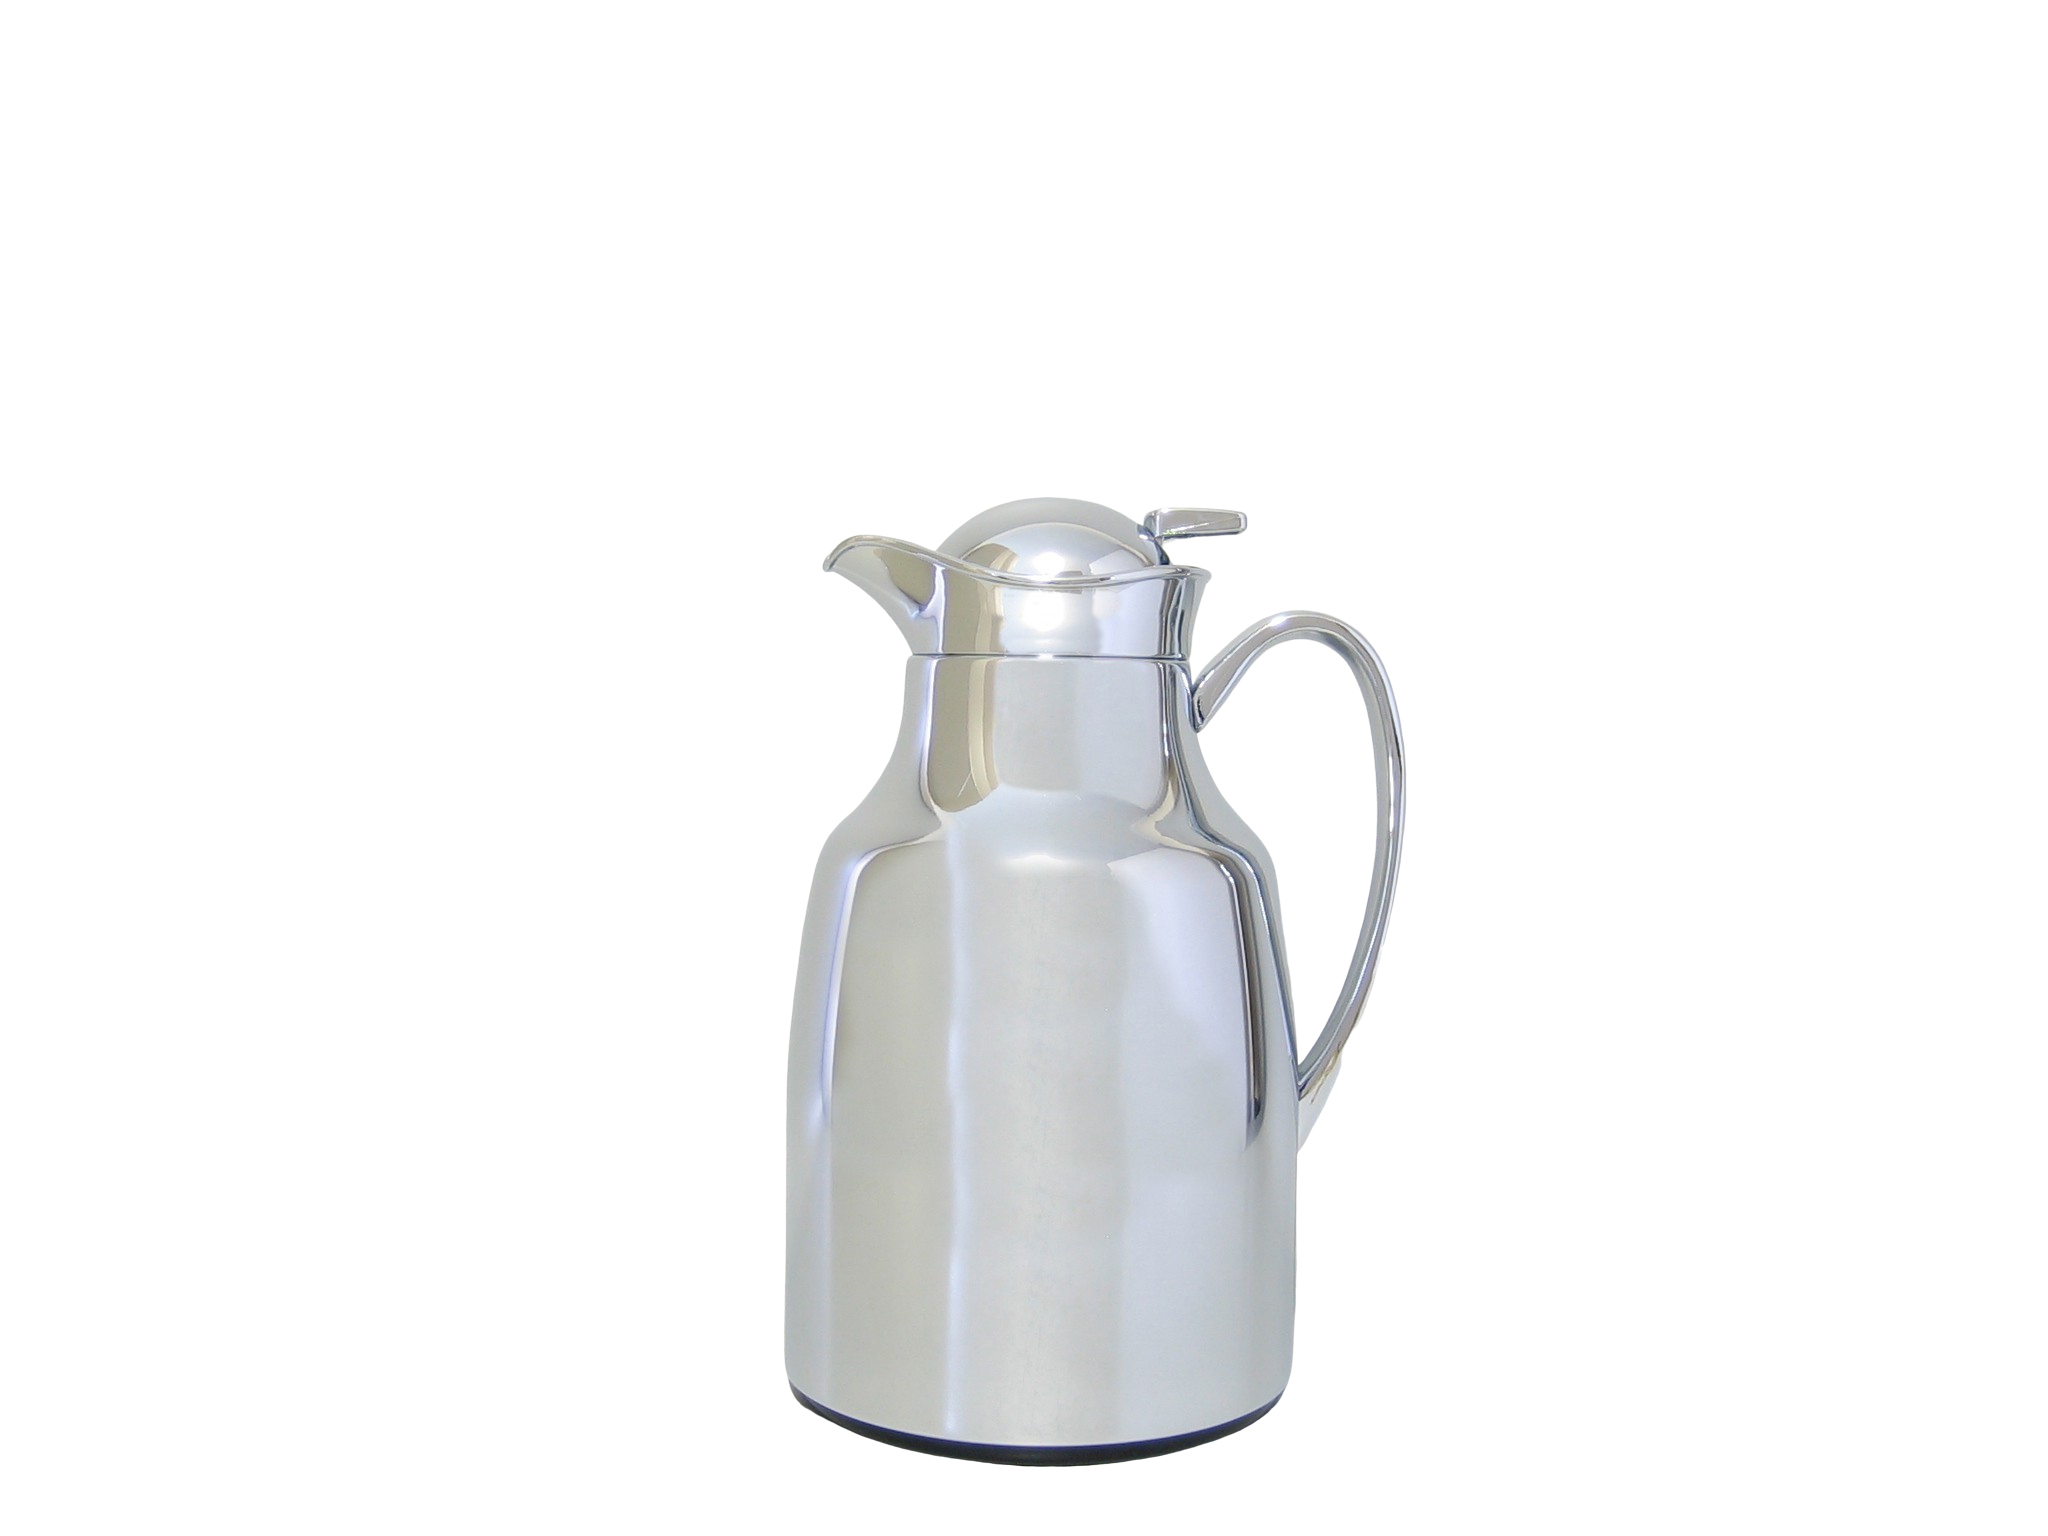 PRONTO10-904 - Isoleerkan hogere prijsklasse 1.0 L (ALLEGRA) - Isobel Classic